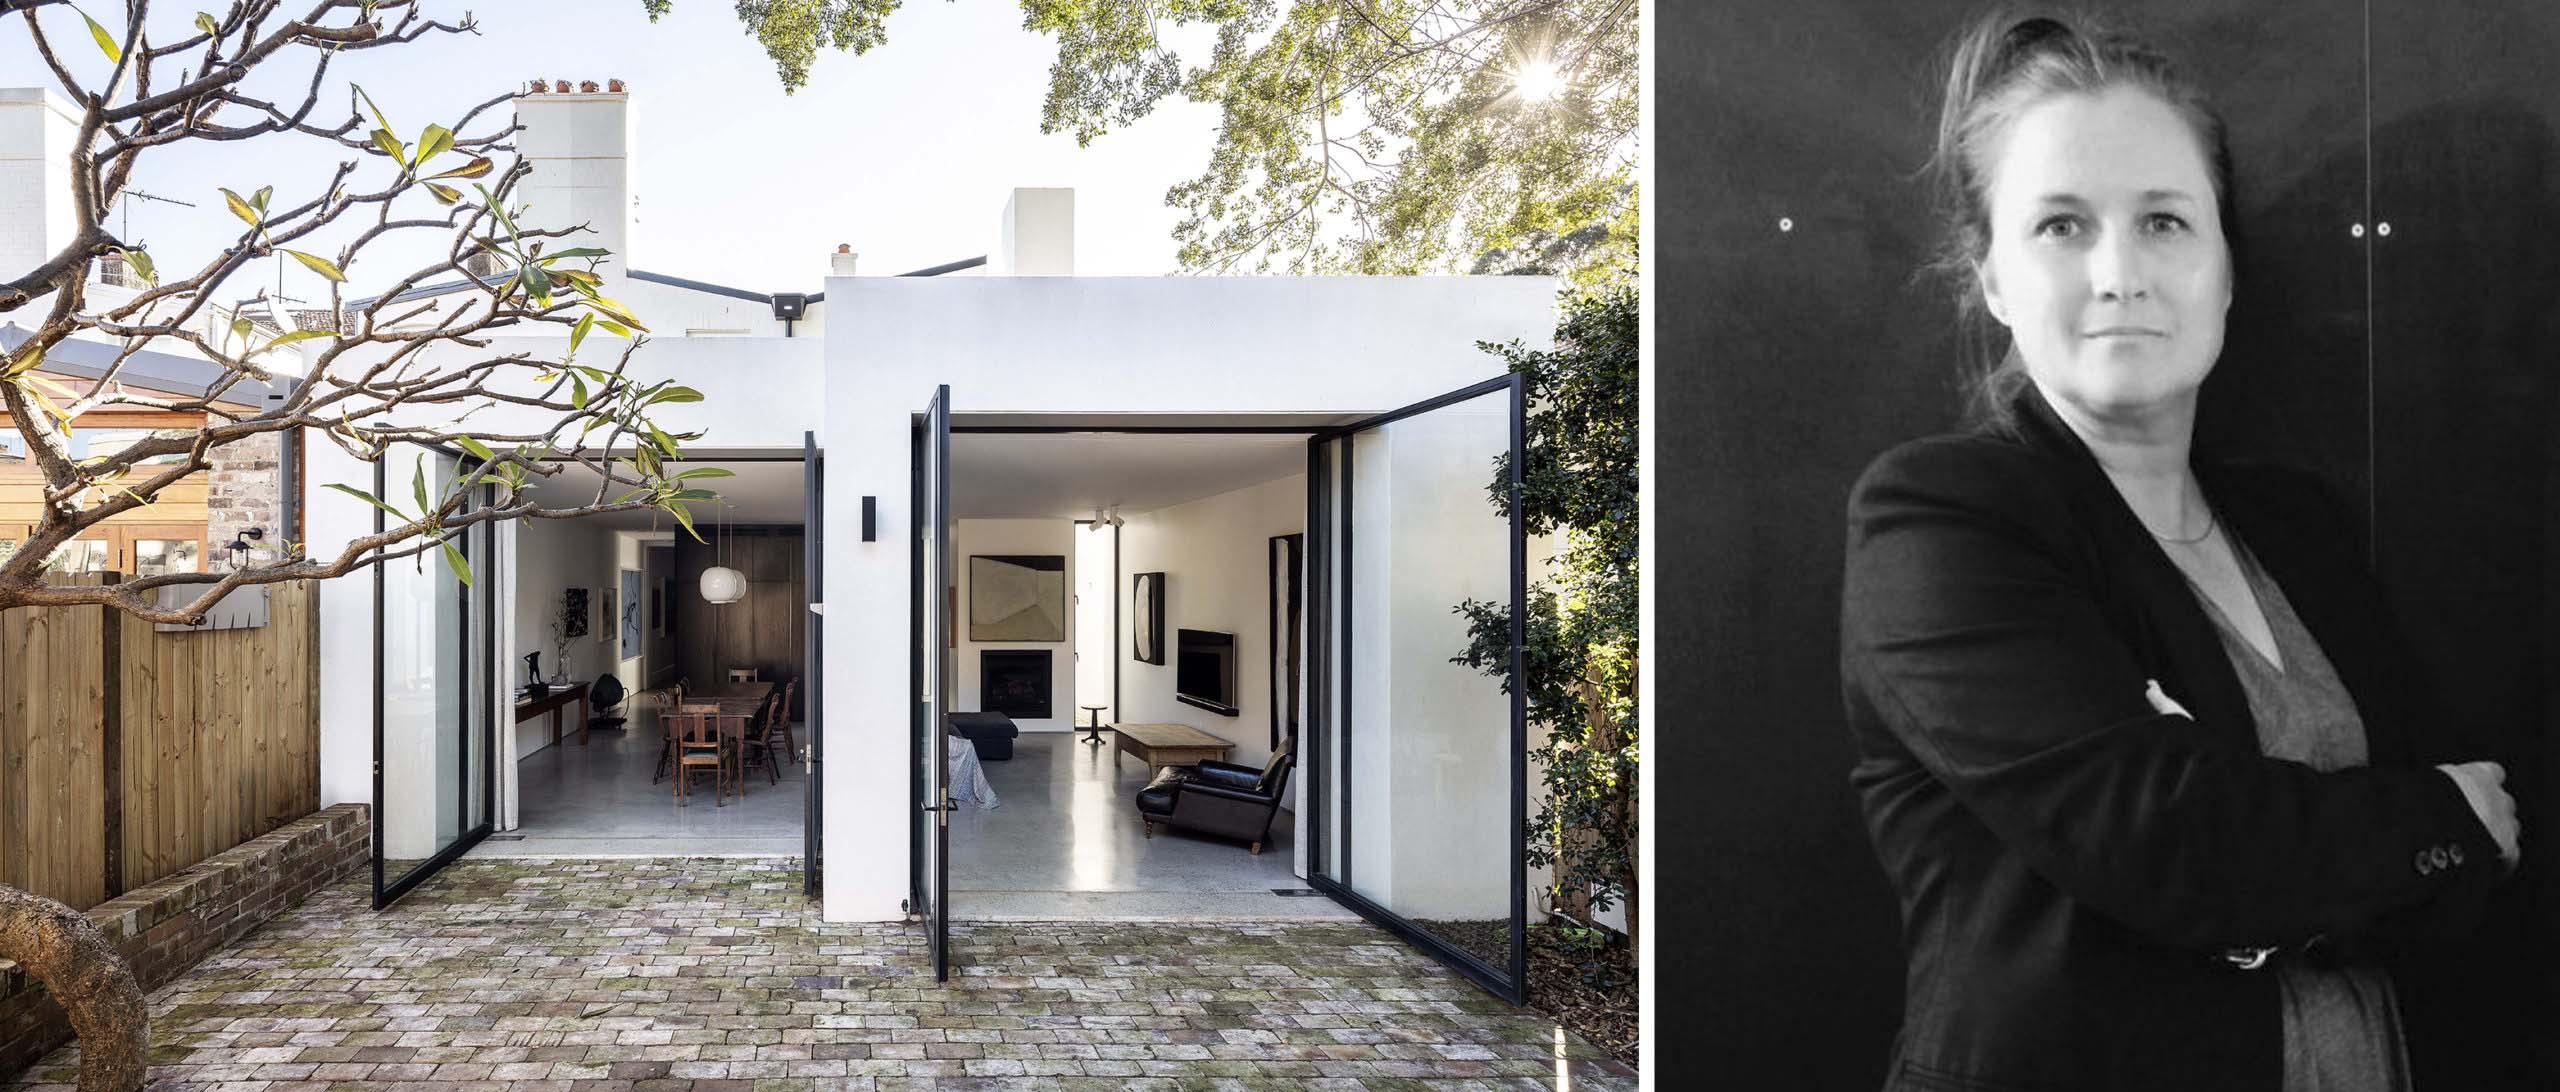 Trái: Nhà ống khói, Sydney, Úc, Người chiến thắng trong Ban giám khảo Giải thưởng A + năm 2020 trong hạng mục Kiến trúc + Sống nhỏ; Phải: Emma Rees-Raaijmakers qua Domain